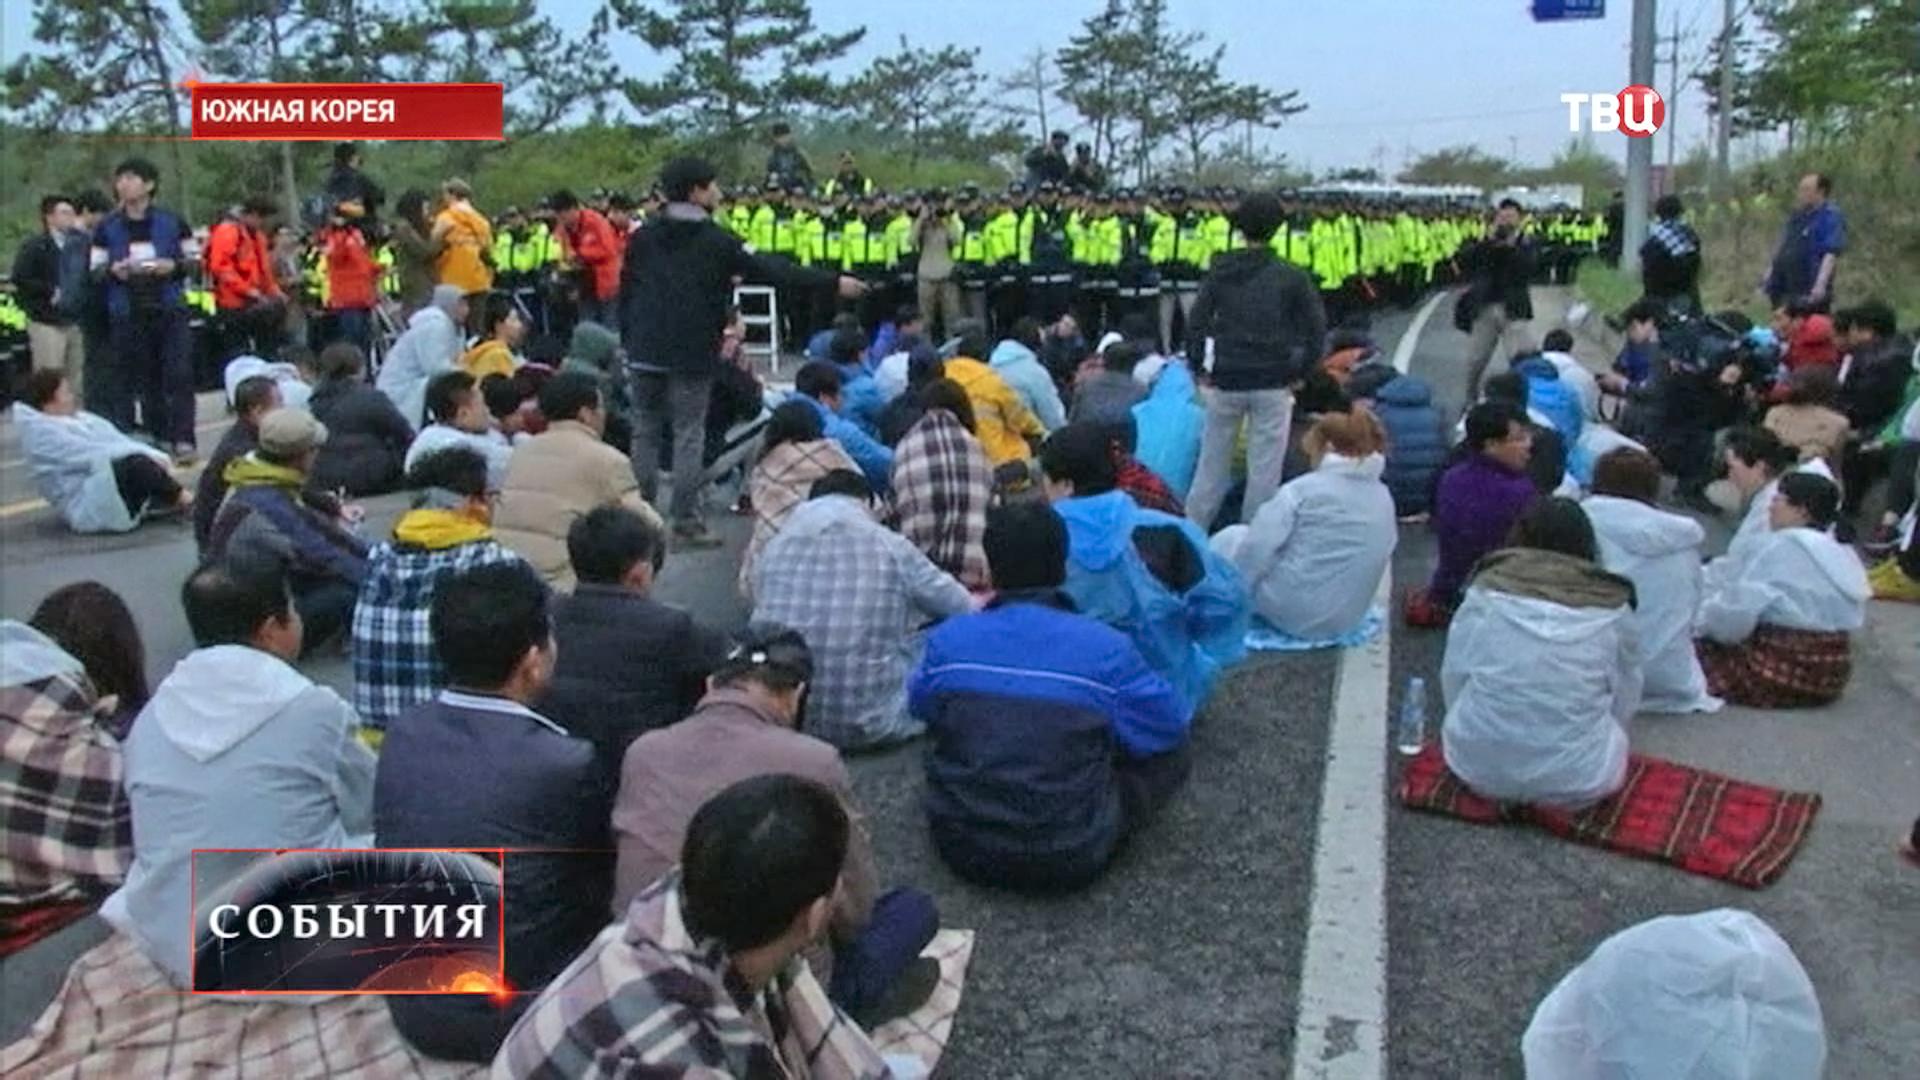 Забастовка роственников в Южной Корее